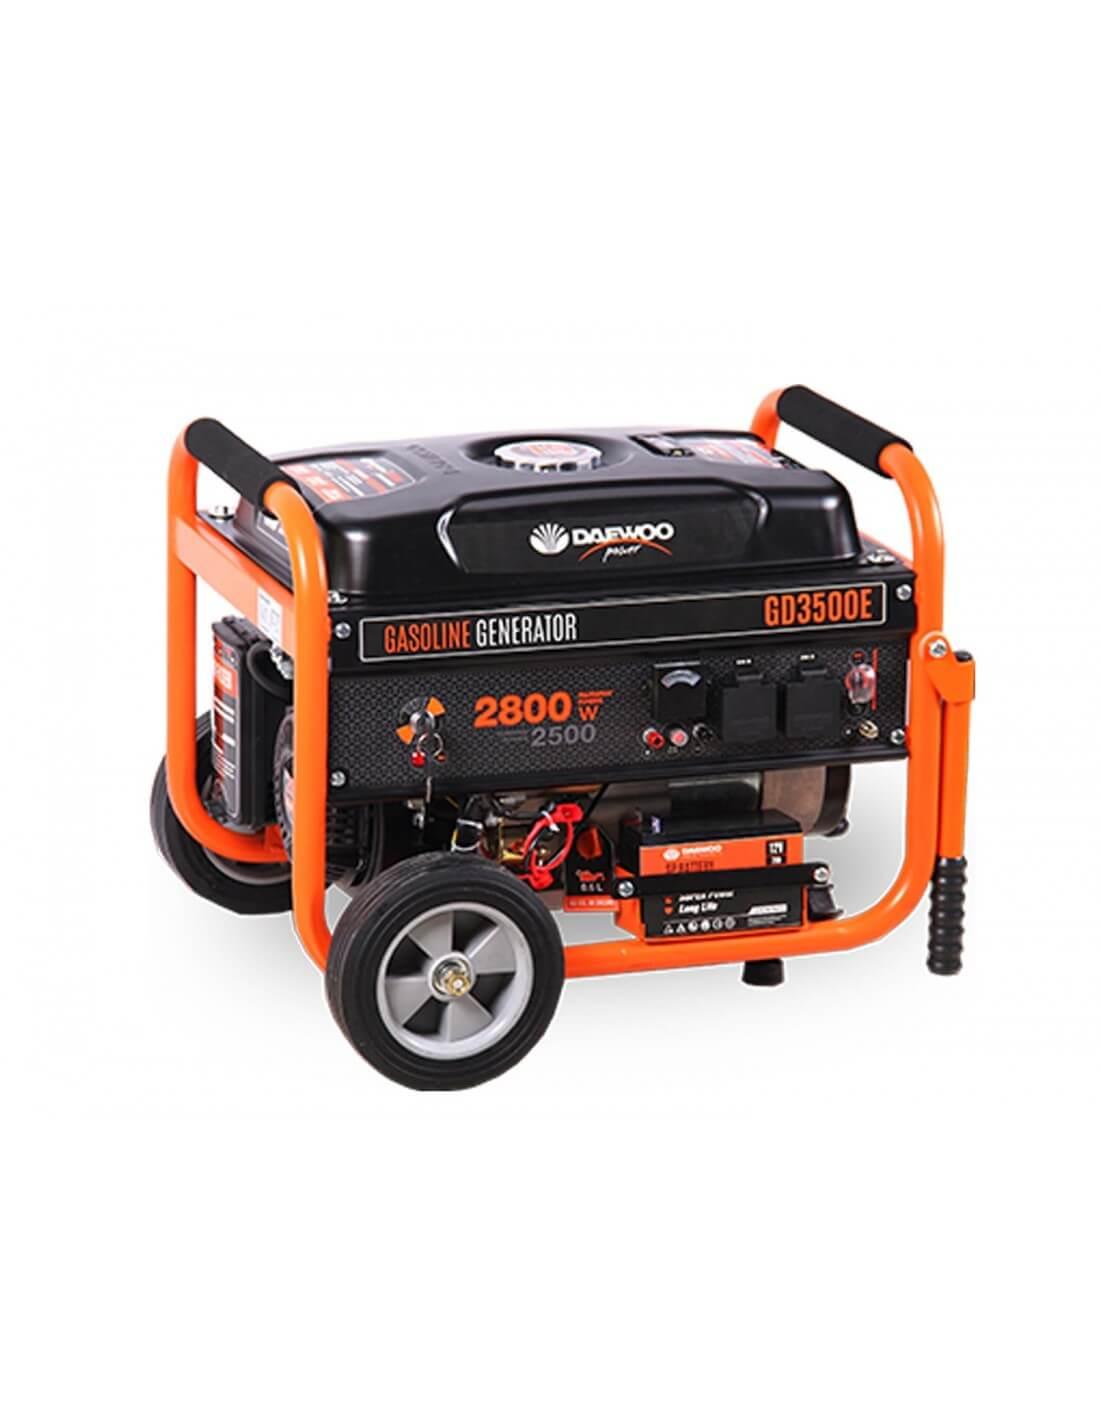 βενζινοκίνητη-μονοφασική-γεννήτρια-daewoo-gd3500e(1)